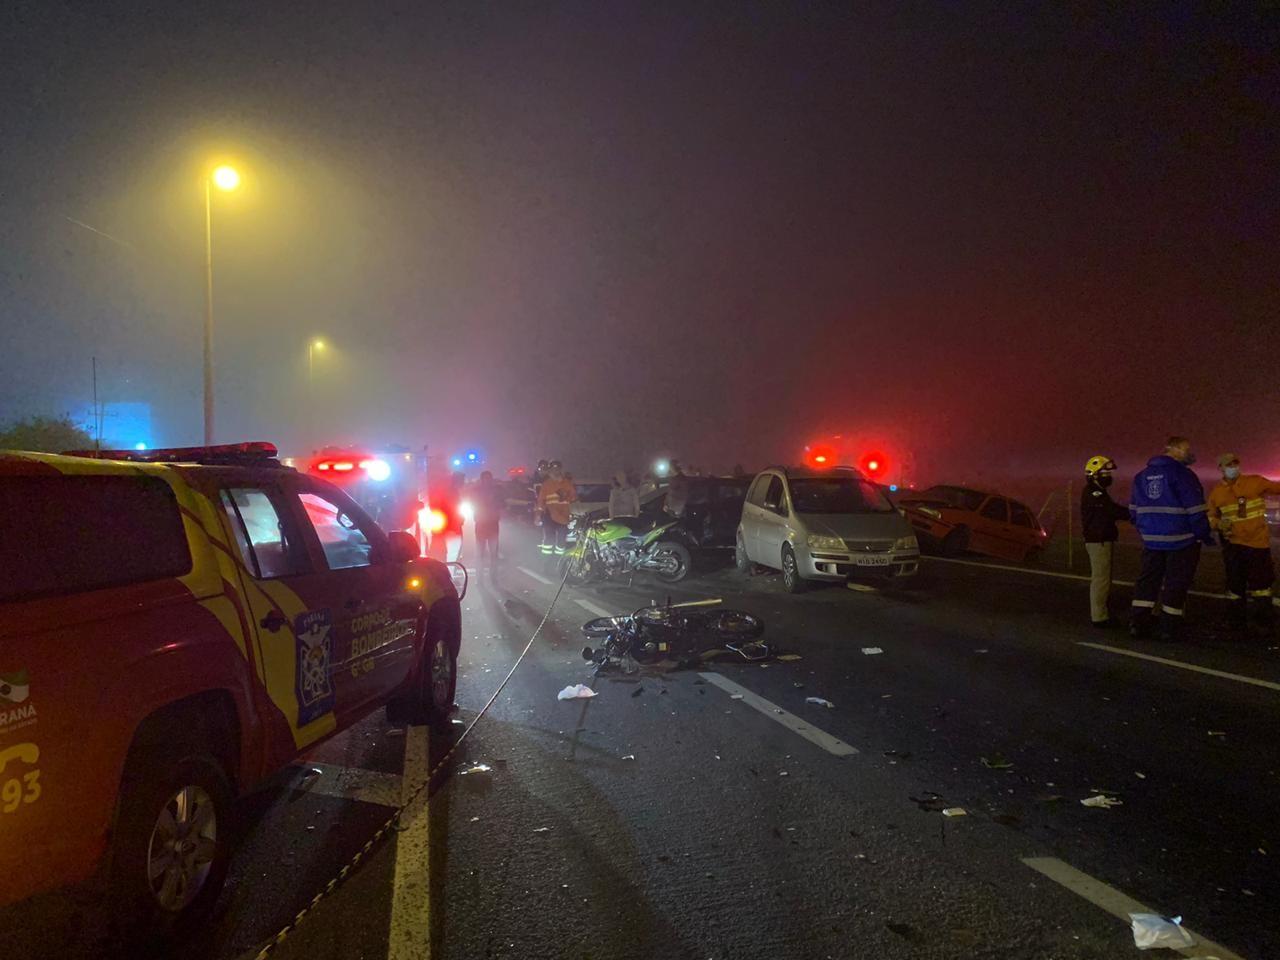 Tragédia na BR-277: Trecho é interditado pela segunda vez consecutiva por causa da falta de visibilidade